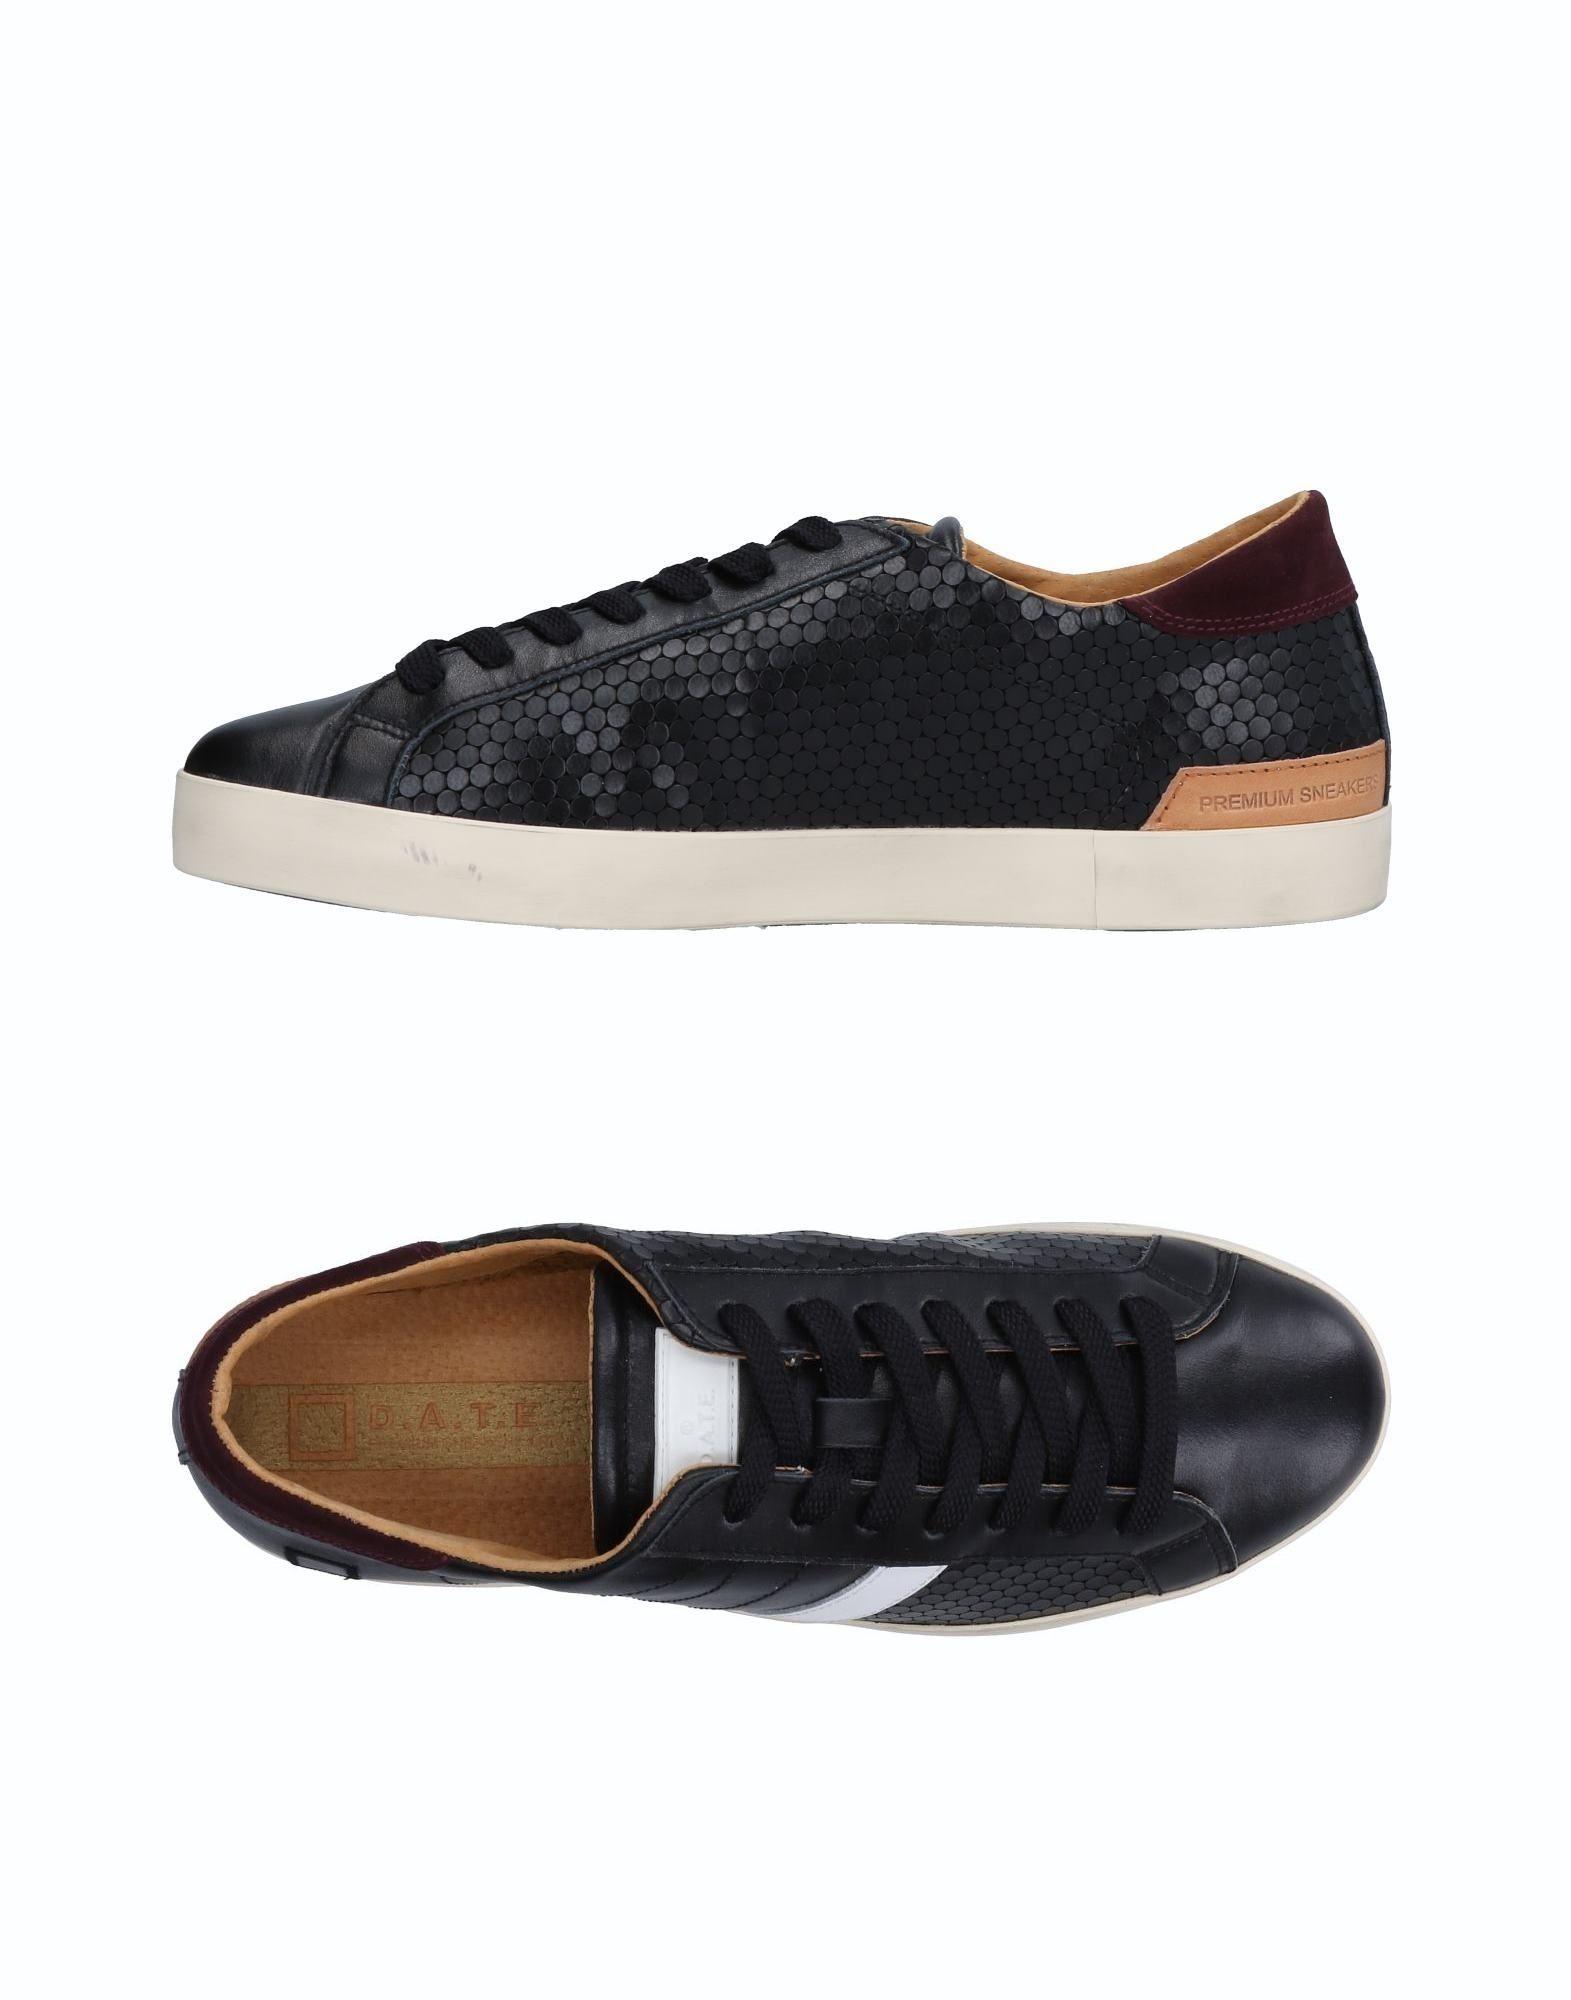 Rabatt D.A.T.E. echte Schuhe D.A.T.E. Rabatt Sneakers Herren  11507678VQ e5e4f2